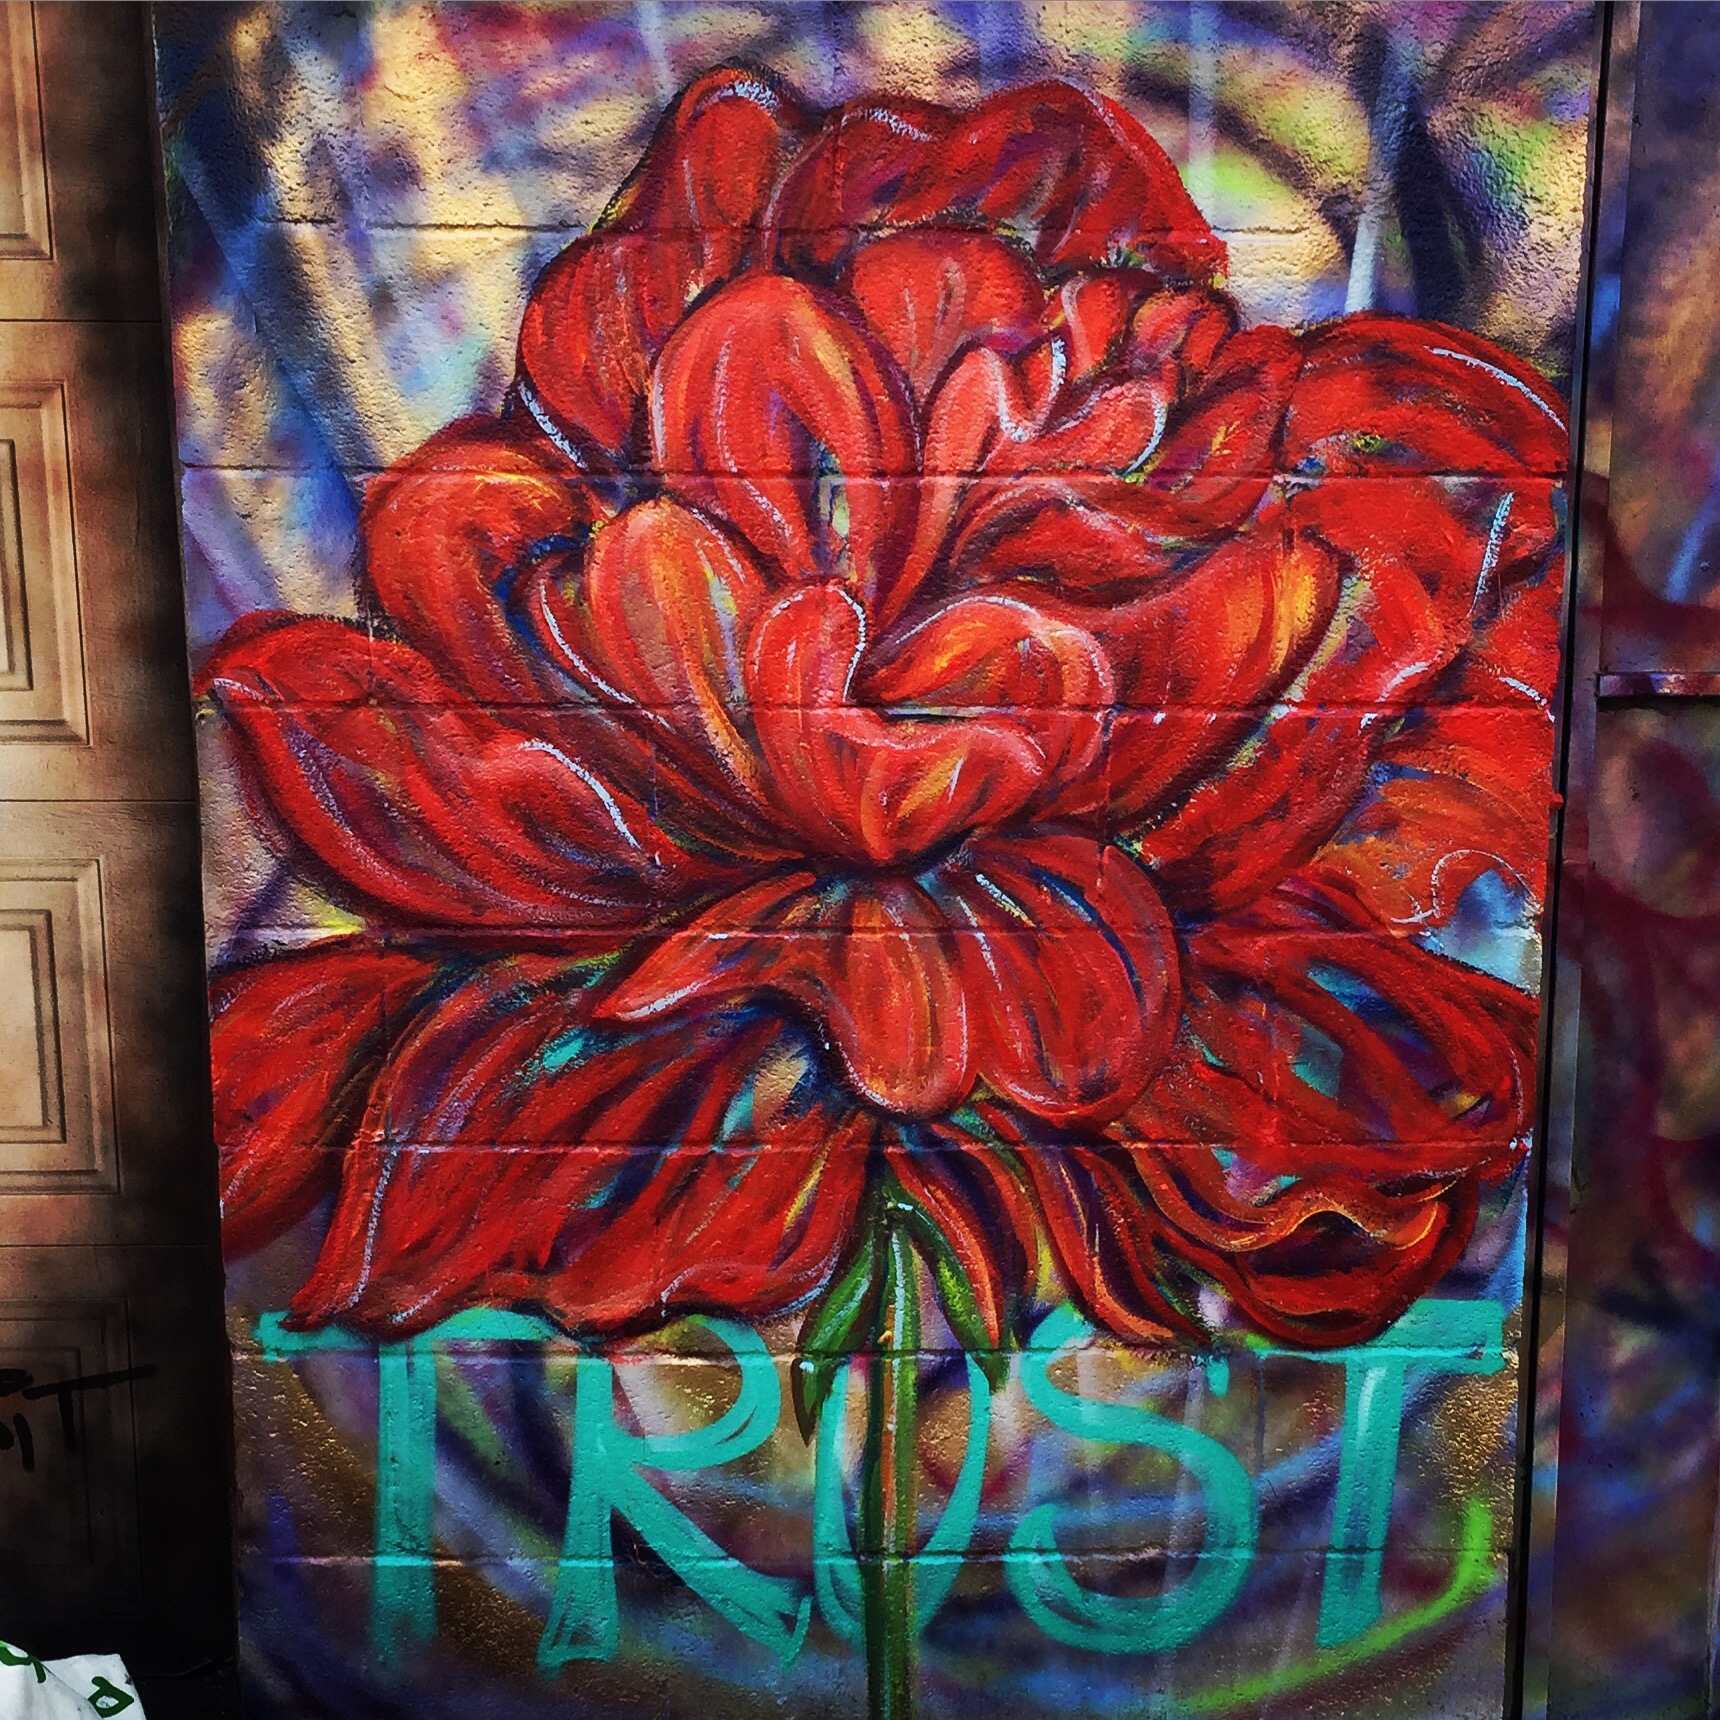 random acts of flowers – Andrea LaHue aka Random Act